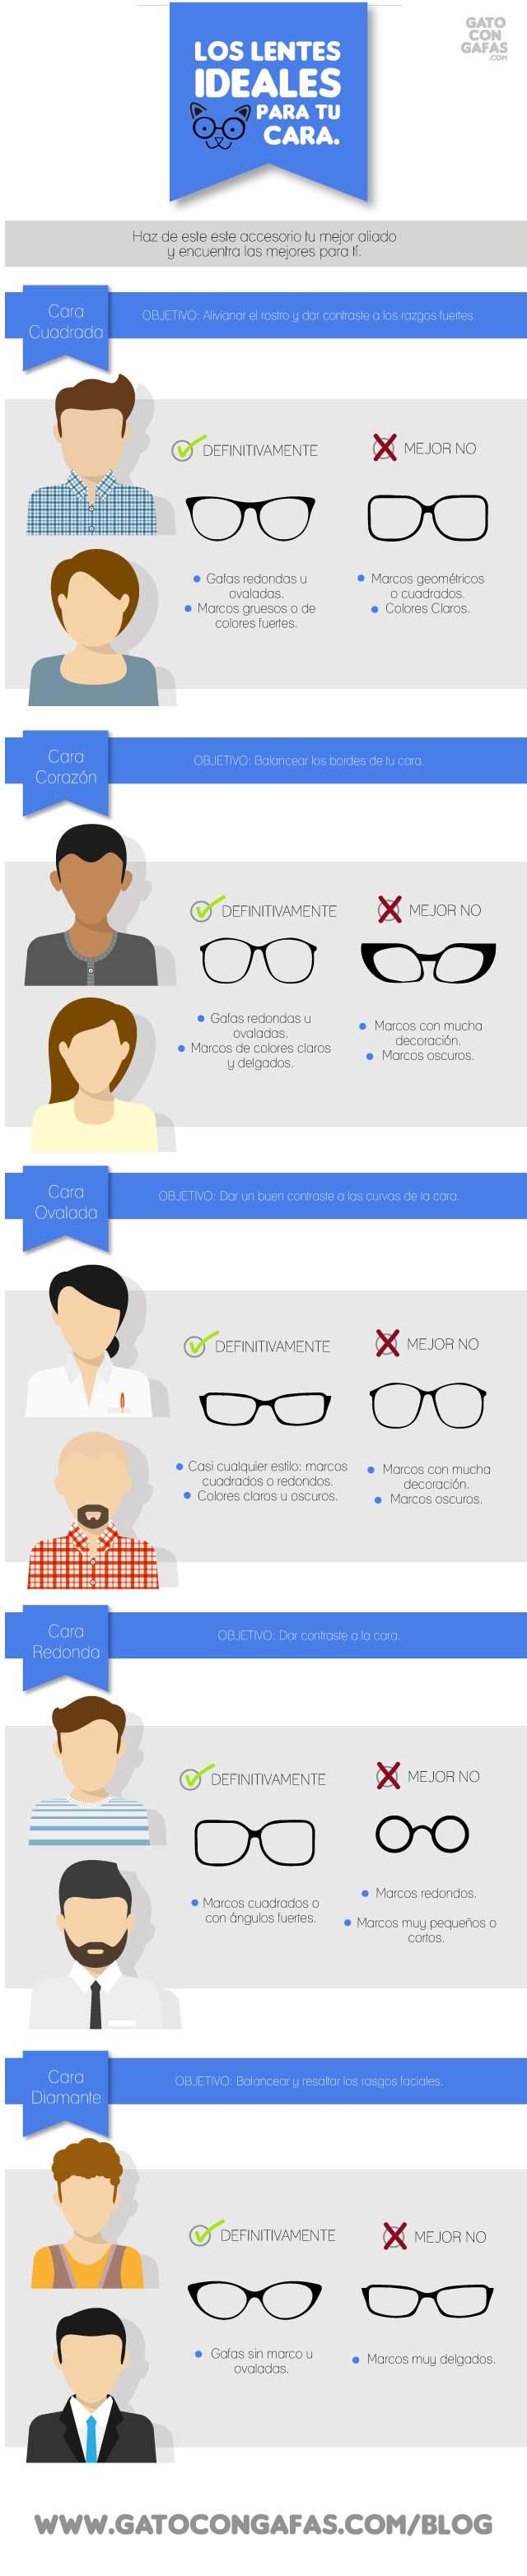 Cómo elegir las gafas según el rostro?   Pinterest   Los elegidos ...